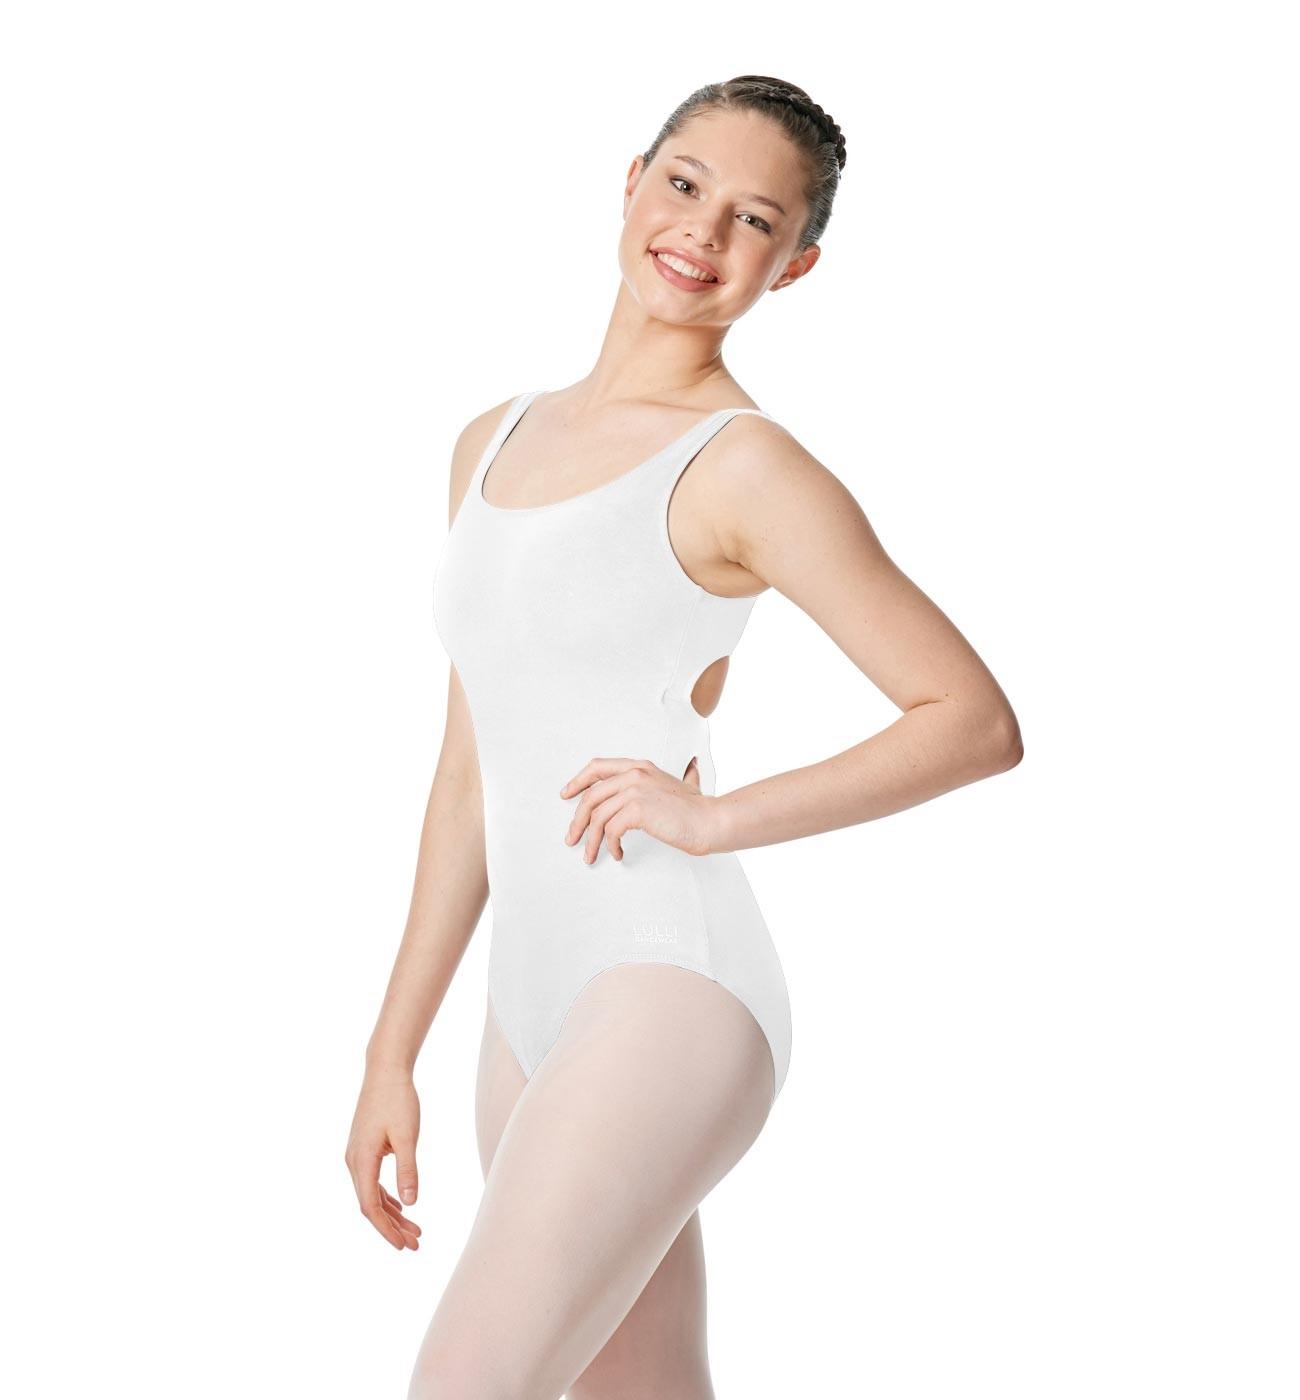 לבן בגד גוף Charlie של Lulli עם כתפיות רחבות LUB258